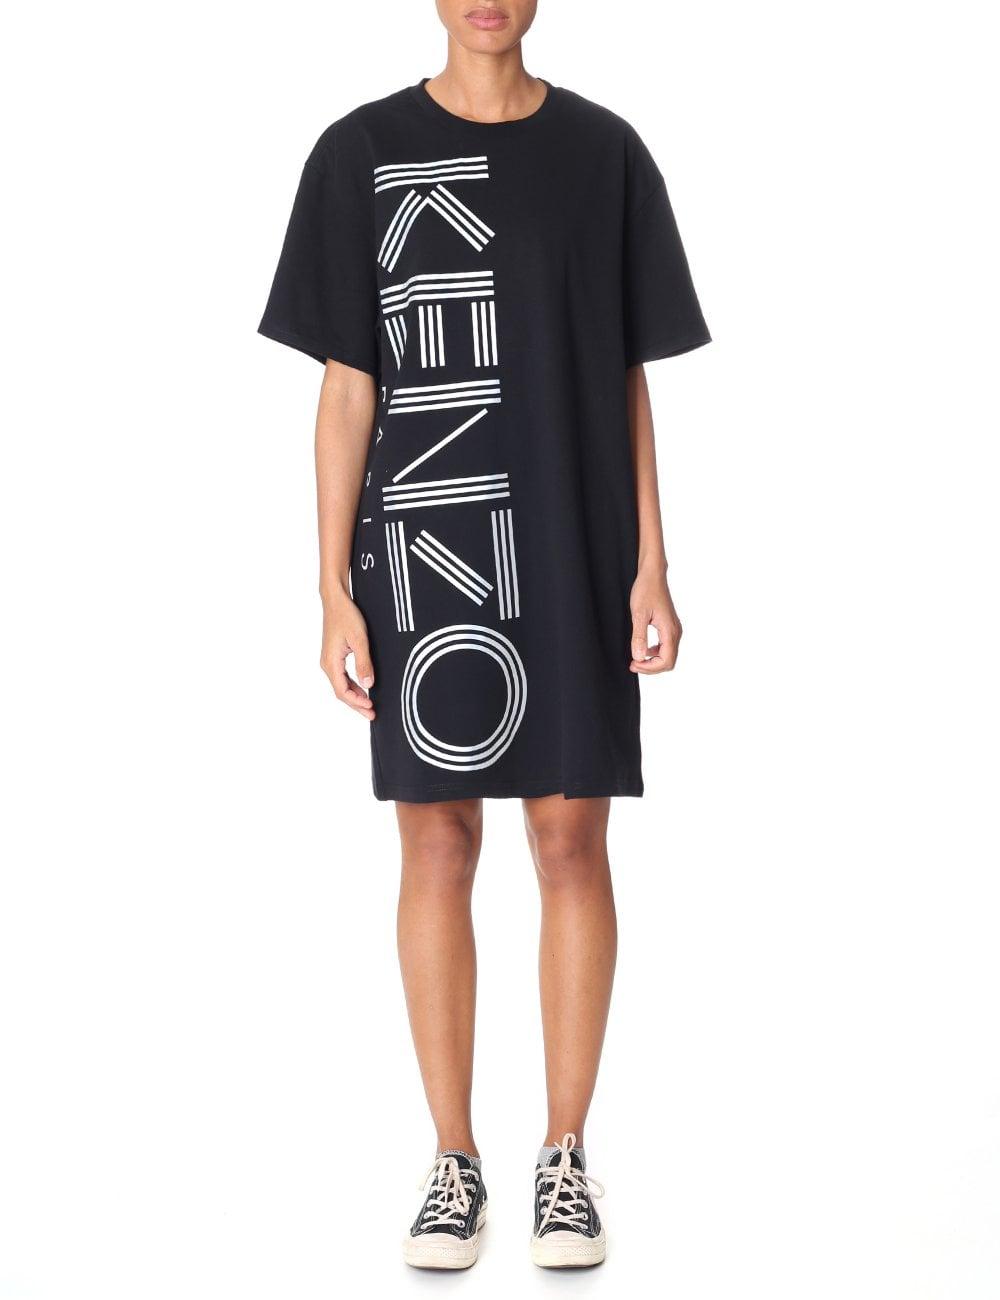 5449ec652015 Kenzo Women s Logo T-Shirt Dress